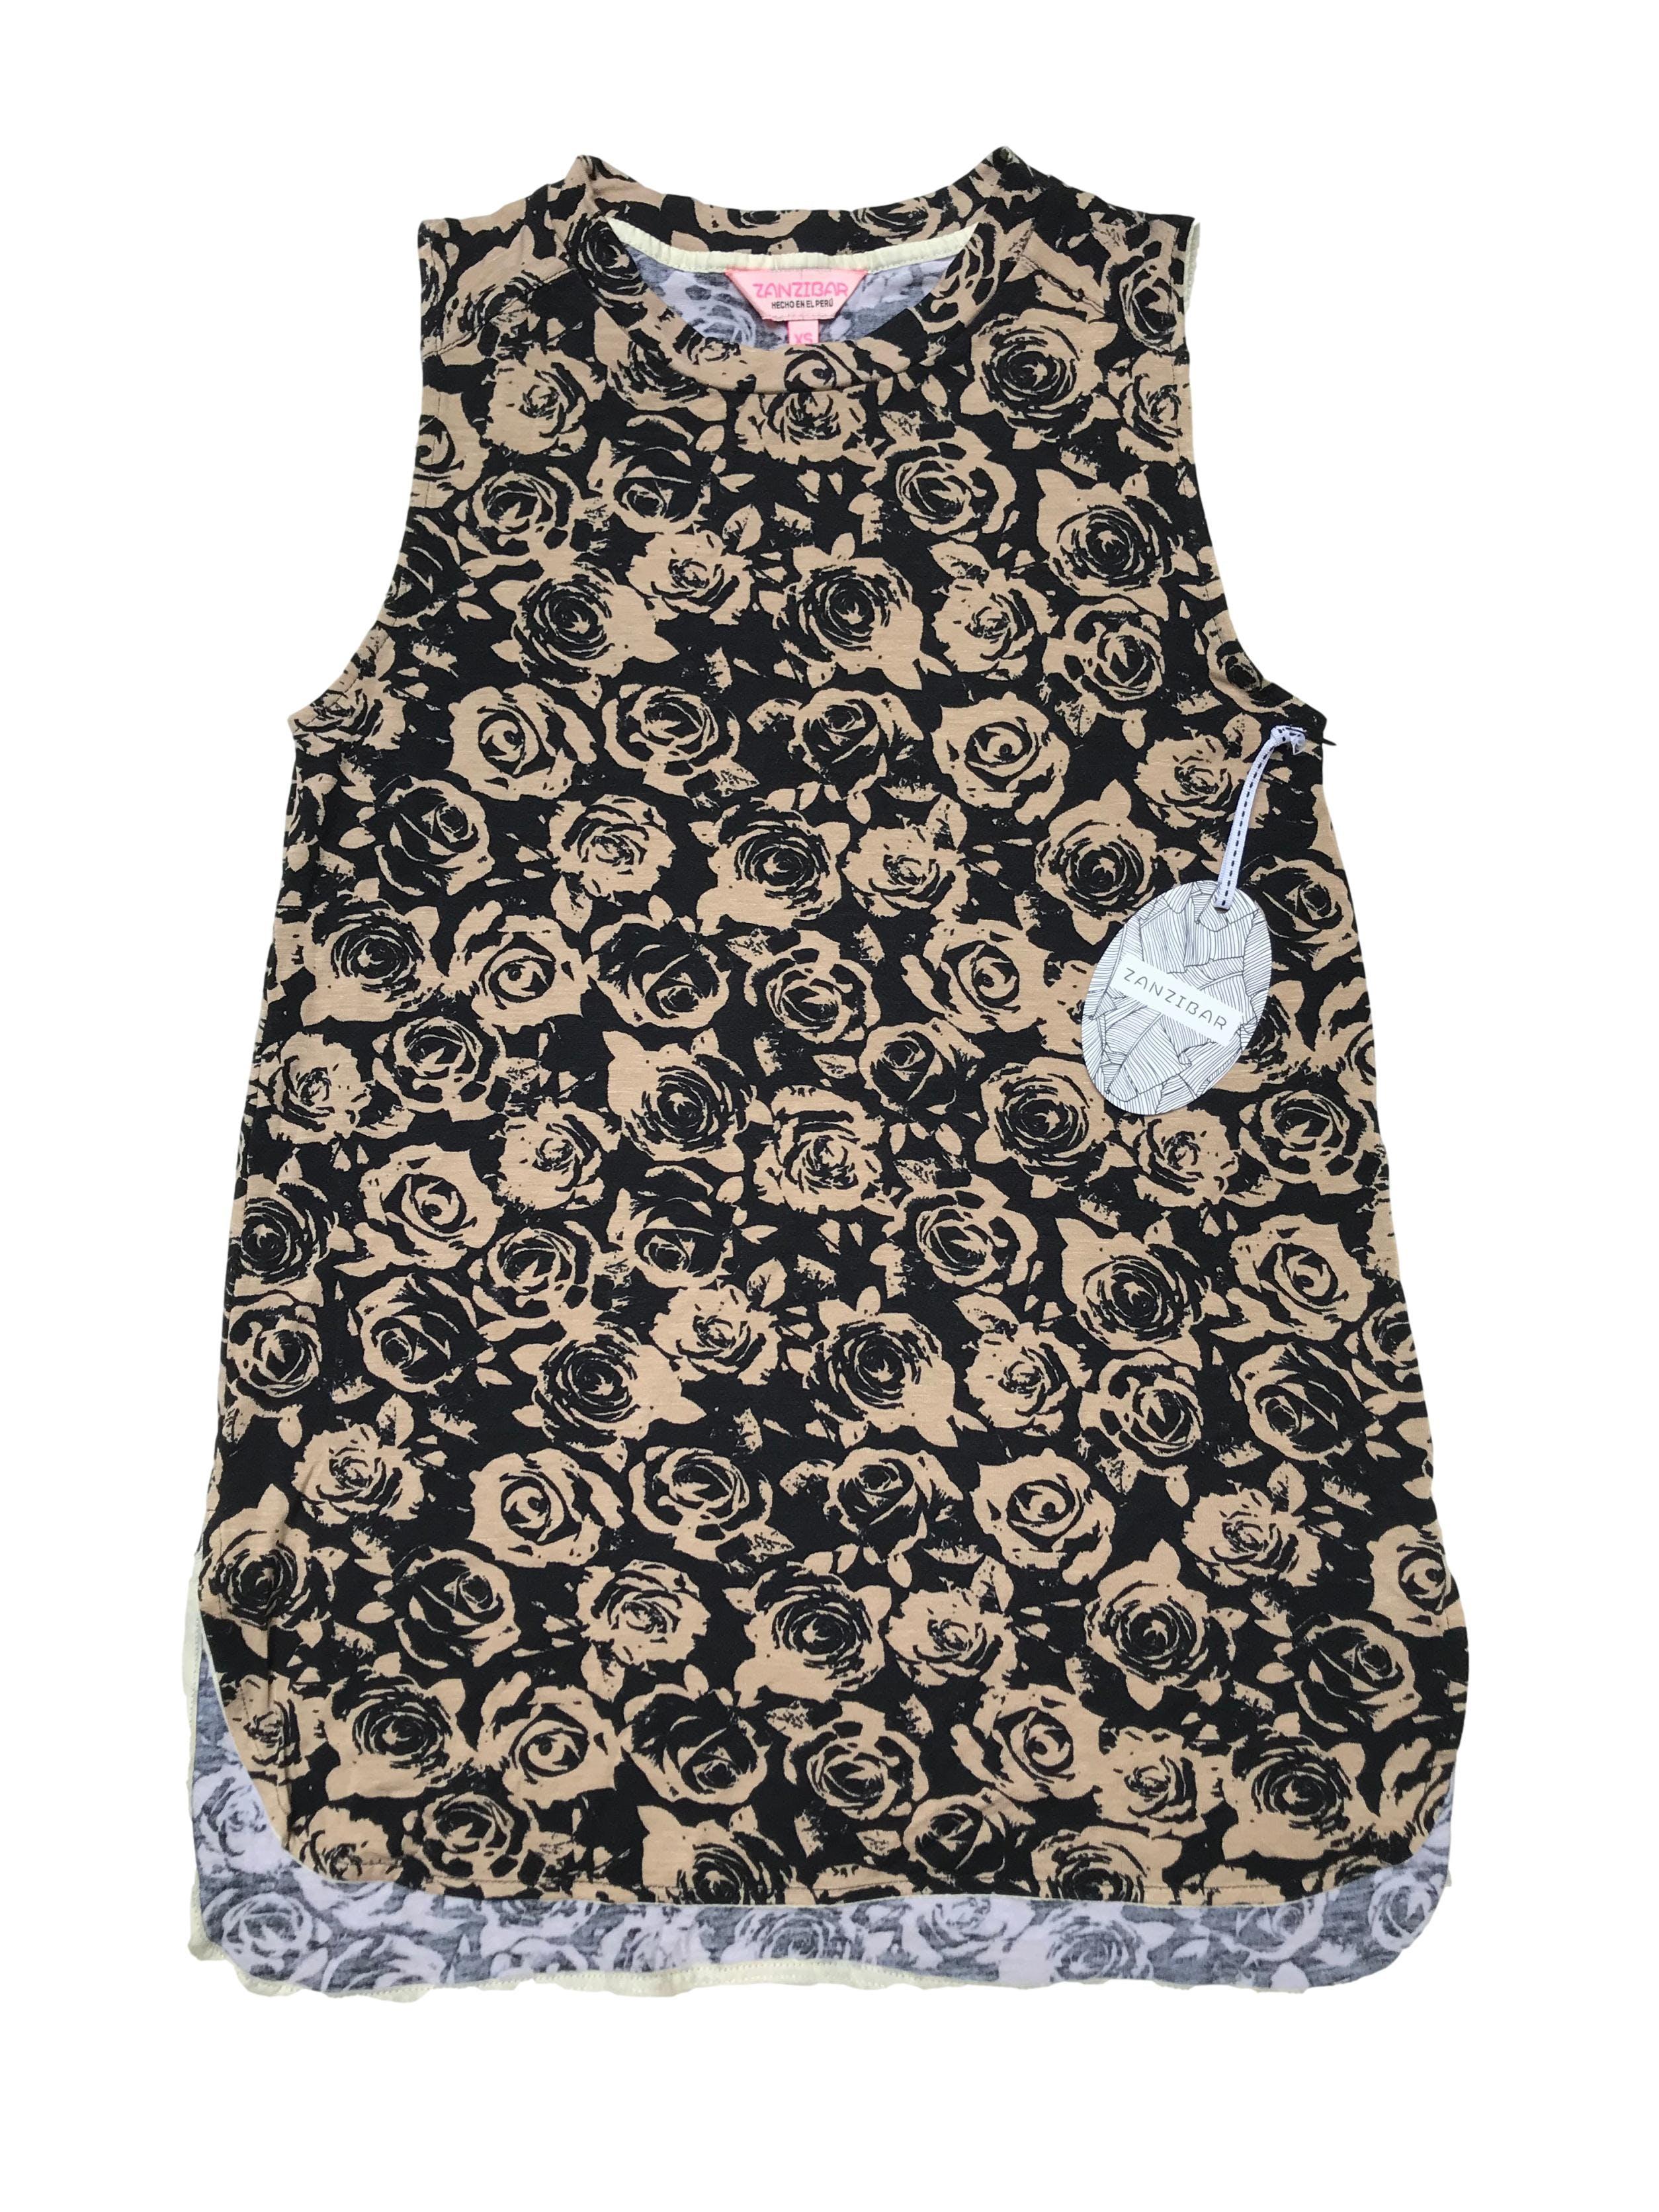 Polo Zanzibar con estampado de flores en negro y camel,  tela tipo algodón con spandex. Largo 63cm. Nuevo con etiqueta